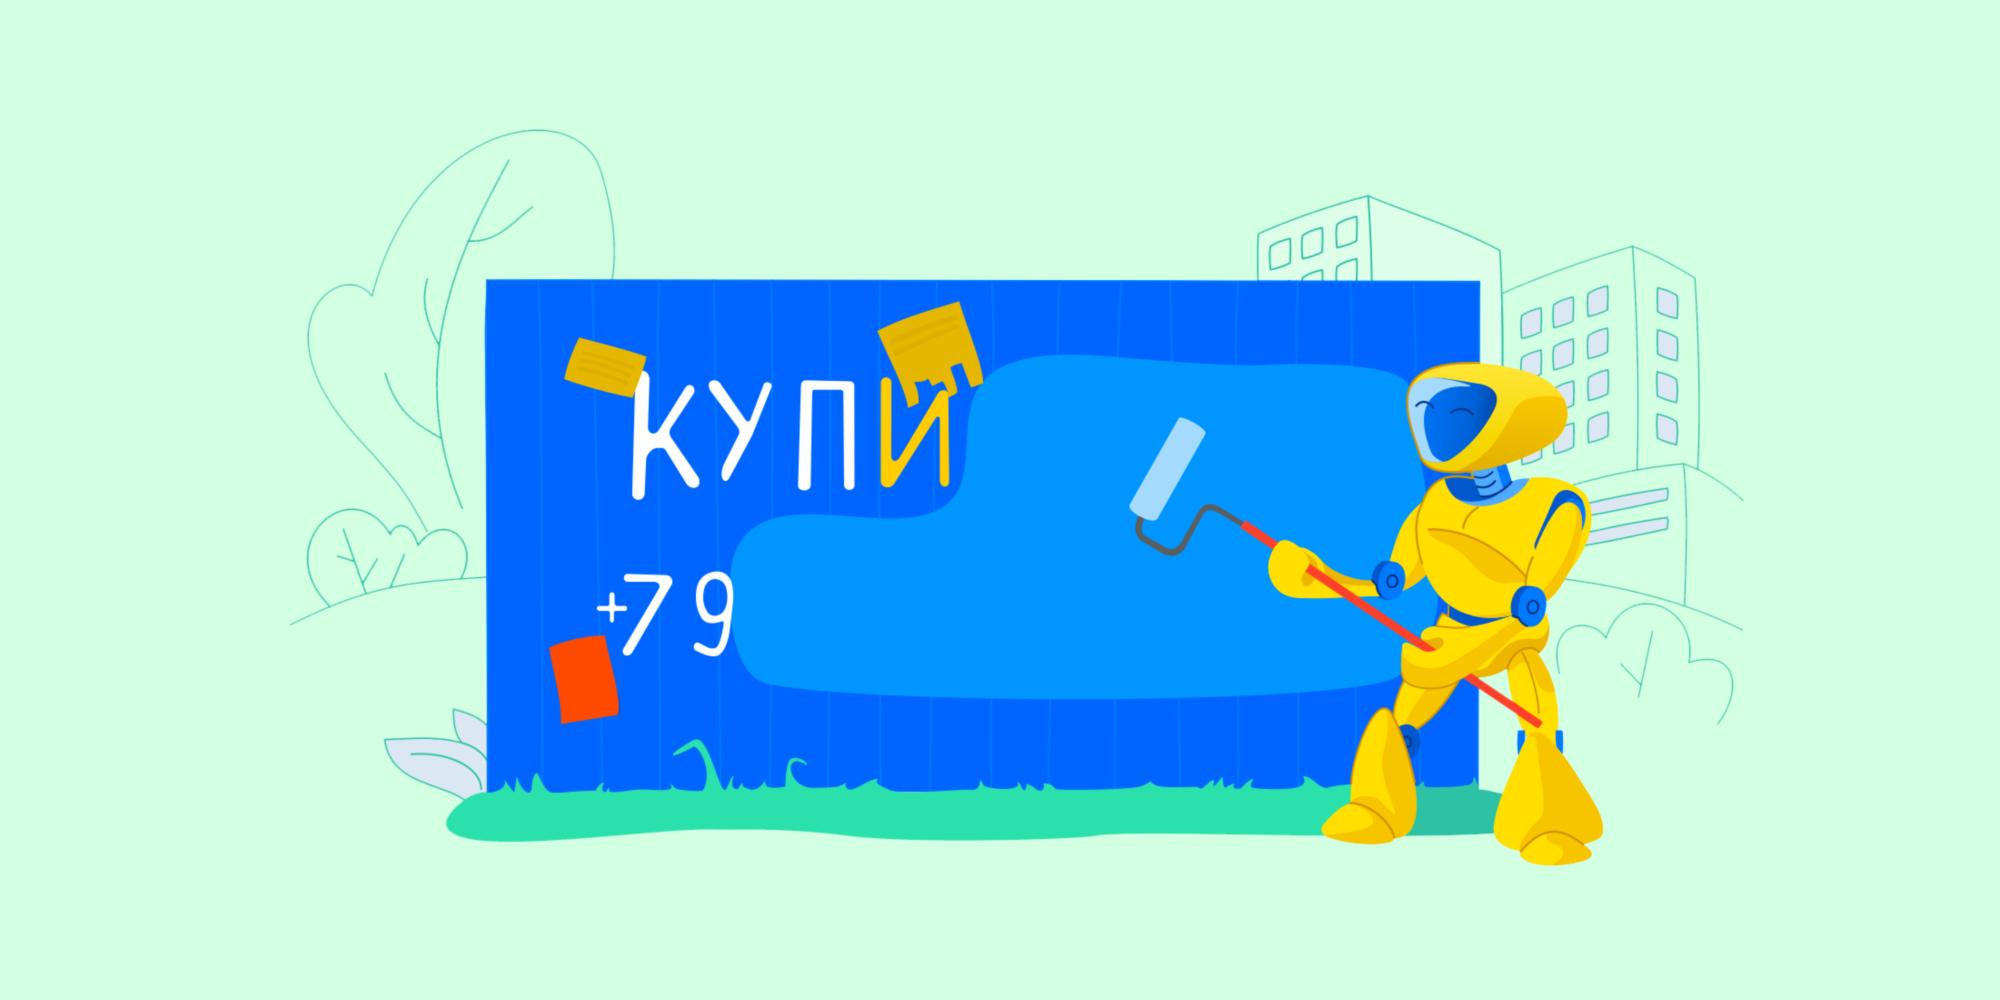 Хороший, плохой, злой: как Яндекс использует нейросети для борьбы со спамом и матом